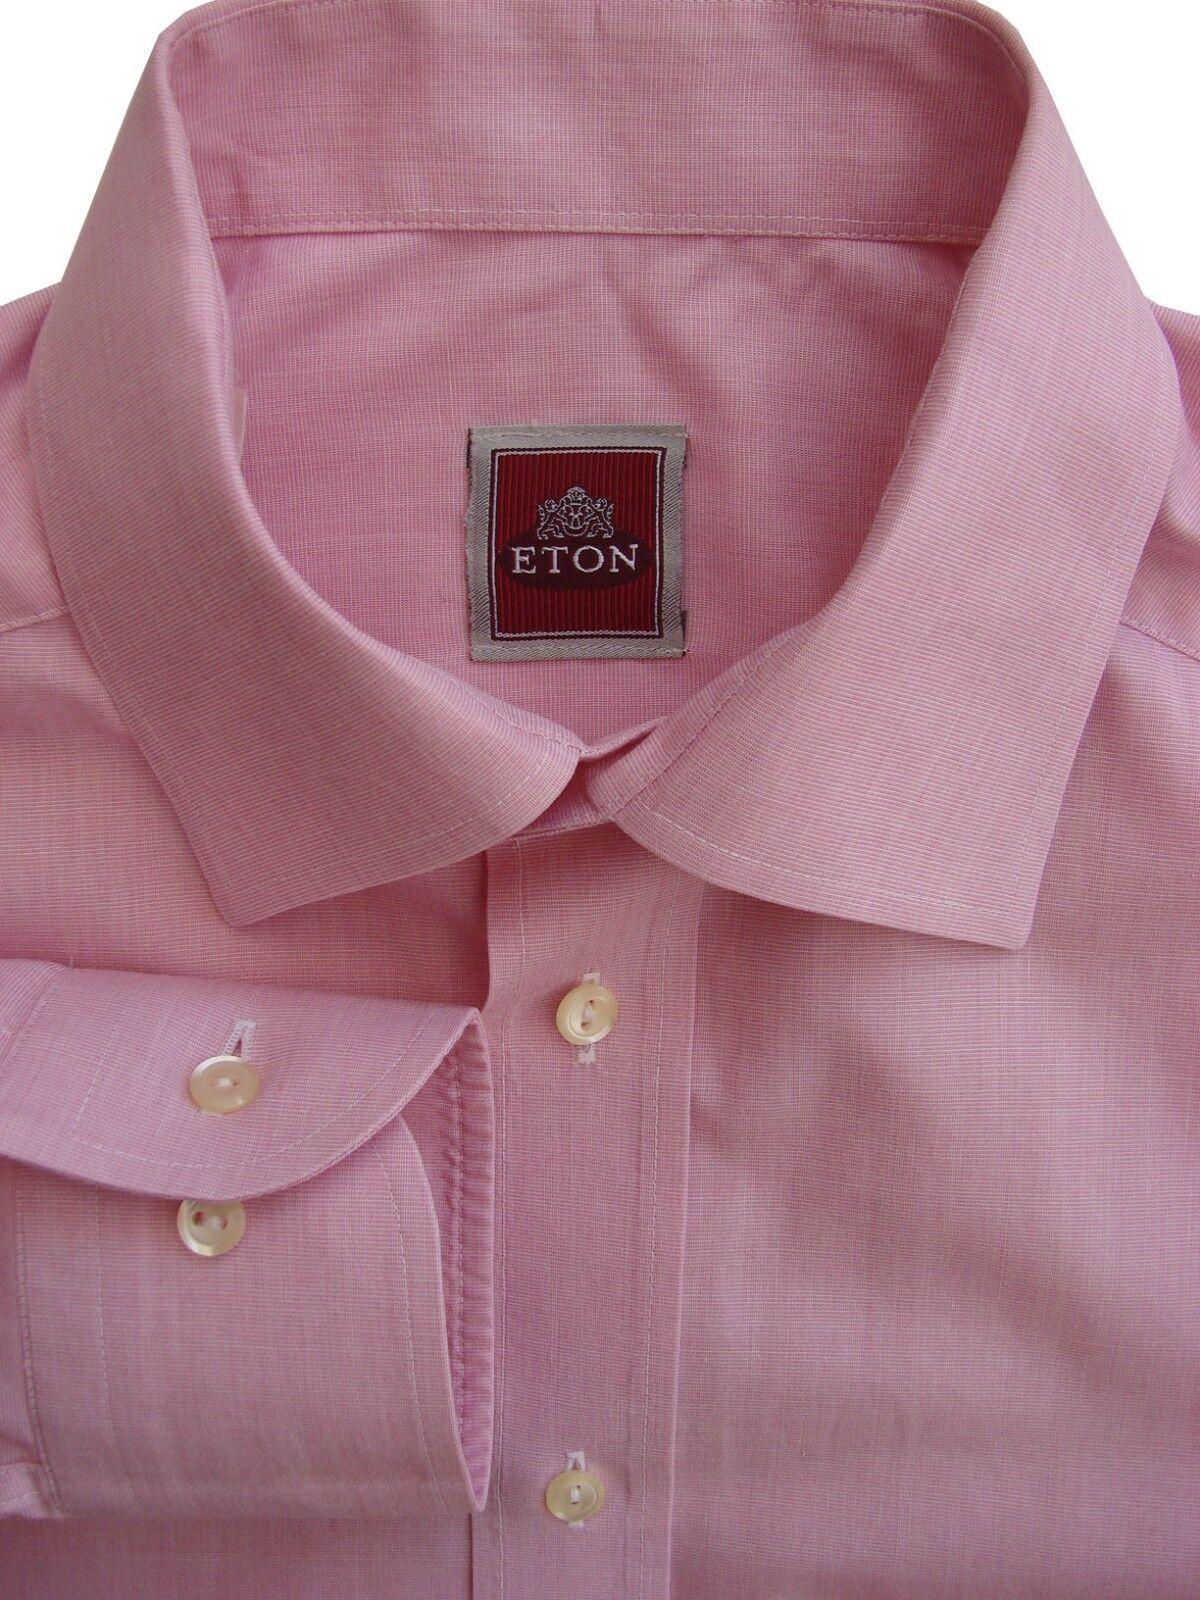 ETON Shirt Mens 15 S Pink